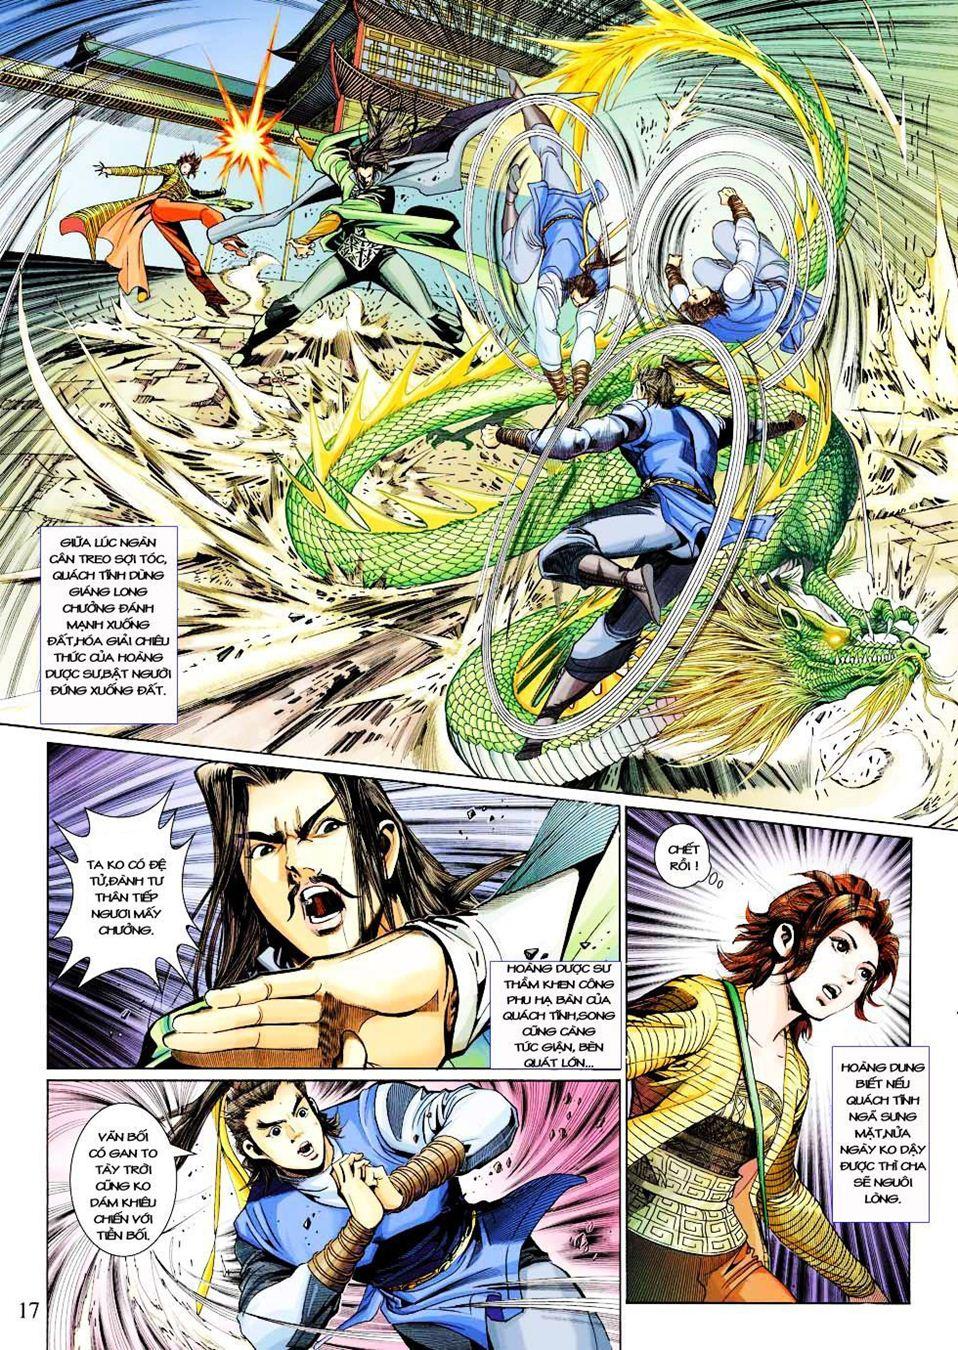 Anh Hùng Xạ Điêu anh hùng xạ đêu chap 33 trang 17